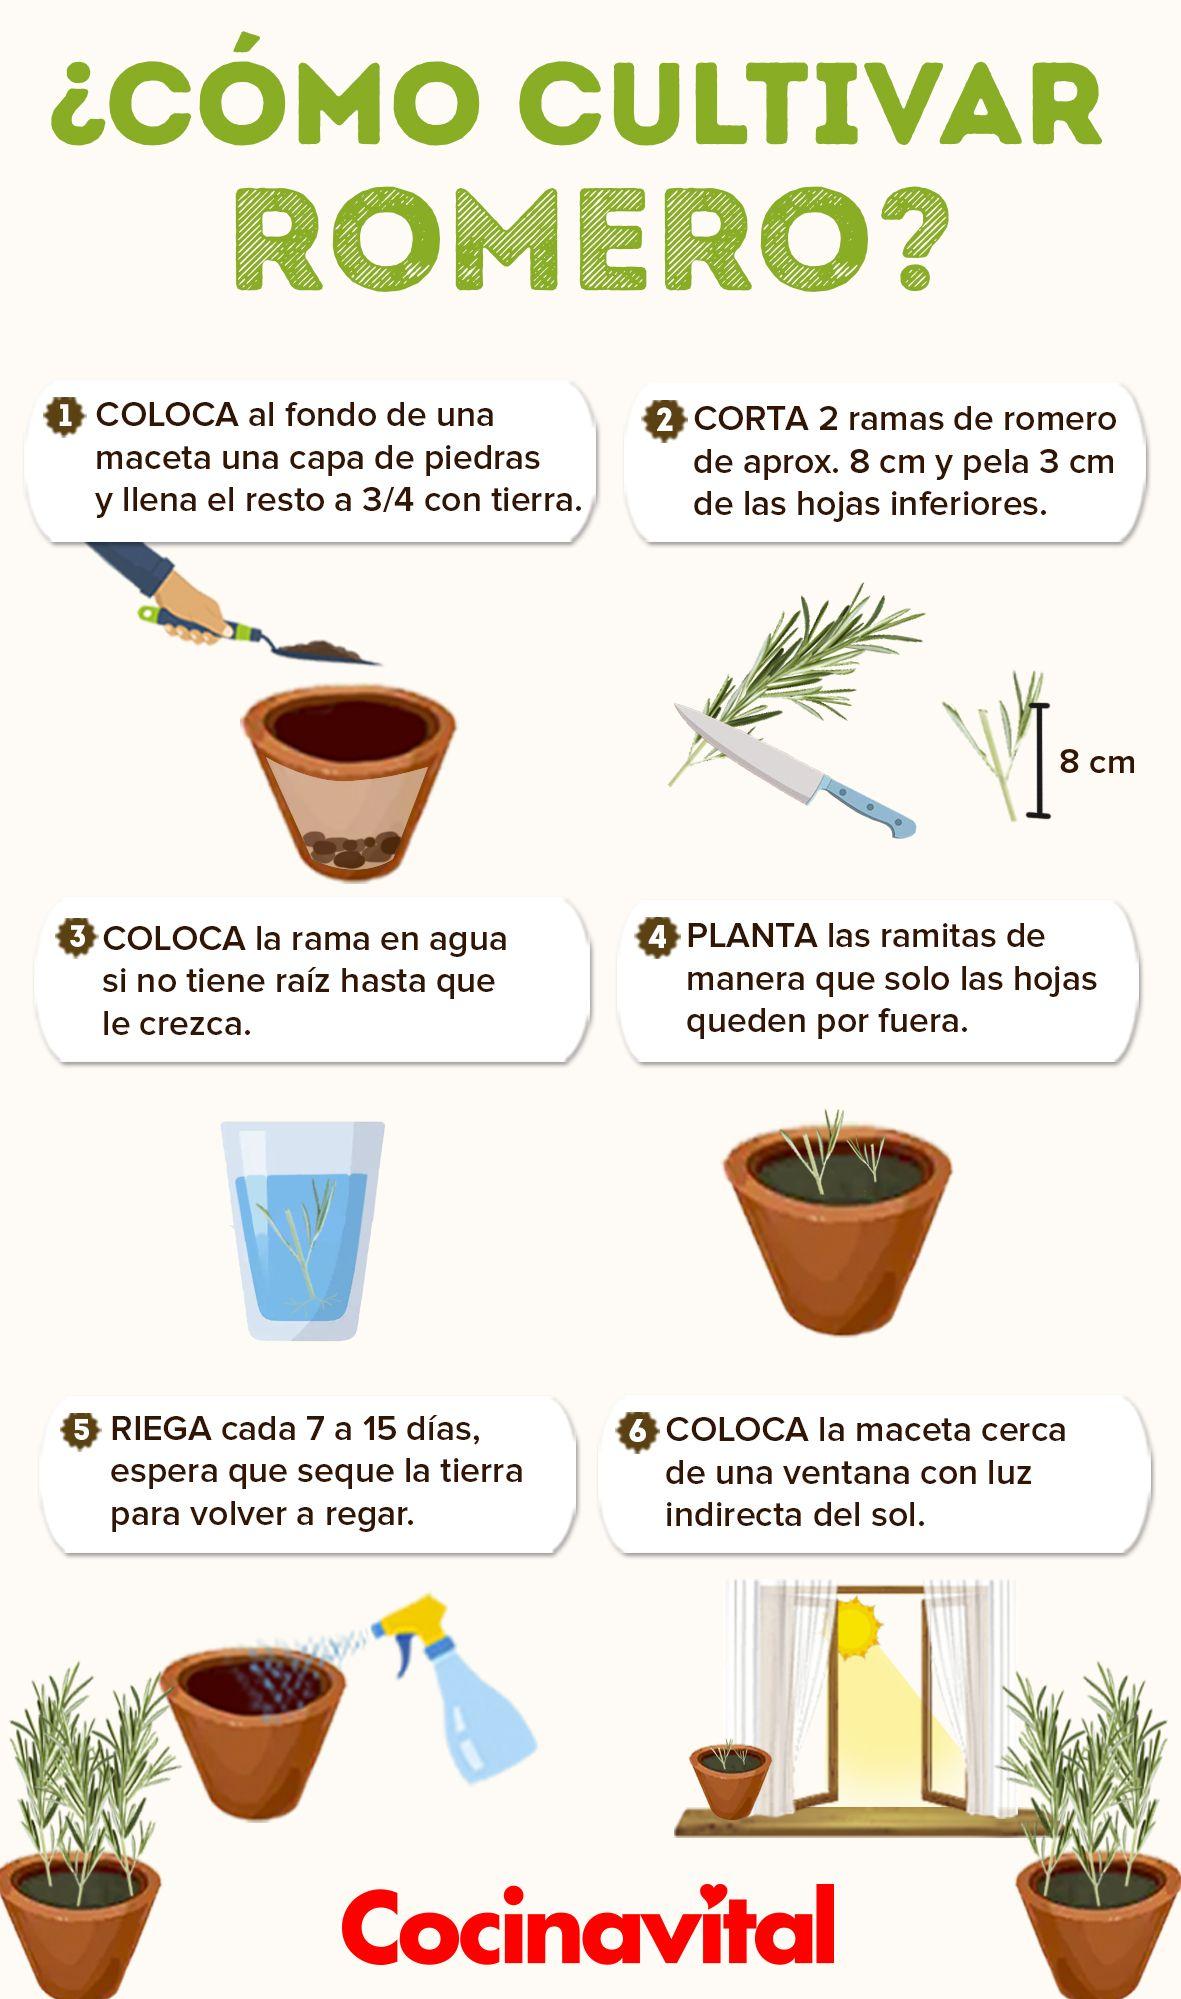 Cómo cultivar romero en macetas para decorar tu cocina | Plantas para  cocina, Cultivo de plantas, Jardín de vegetales